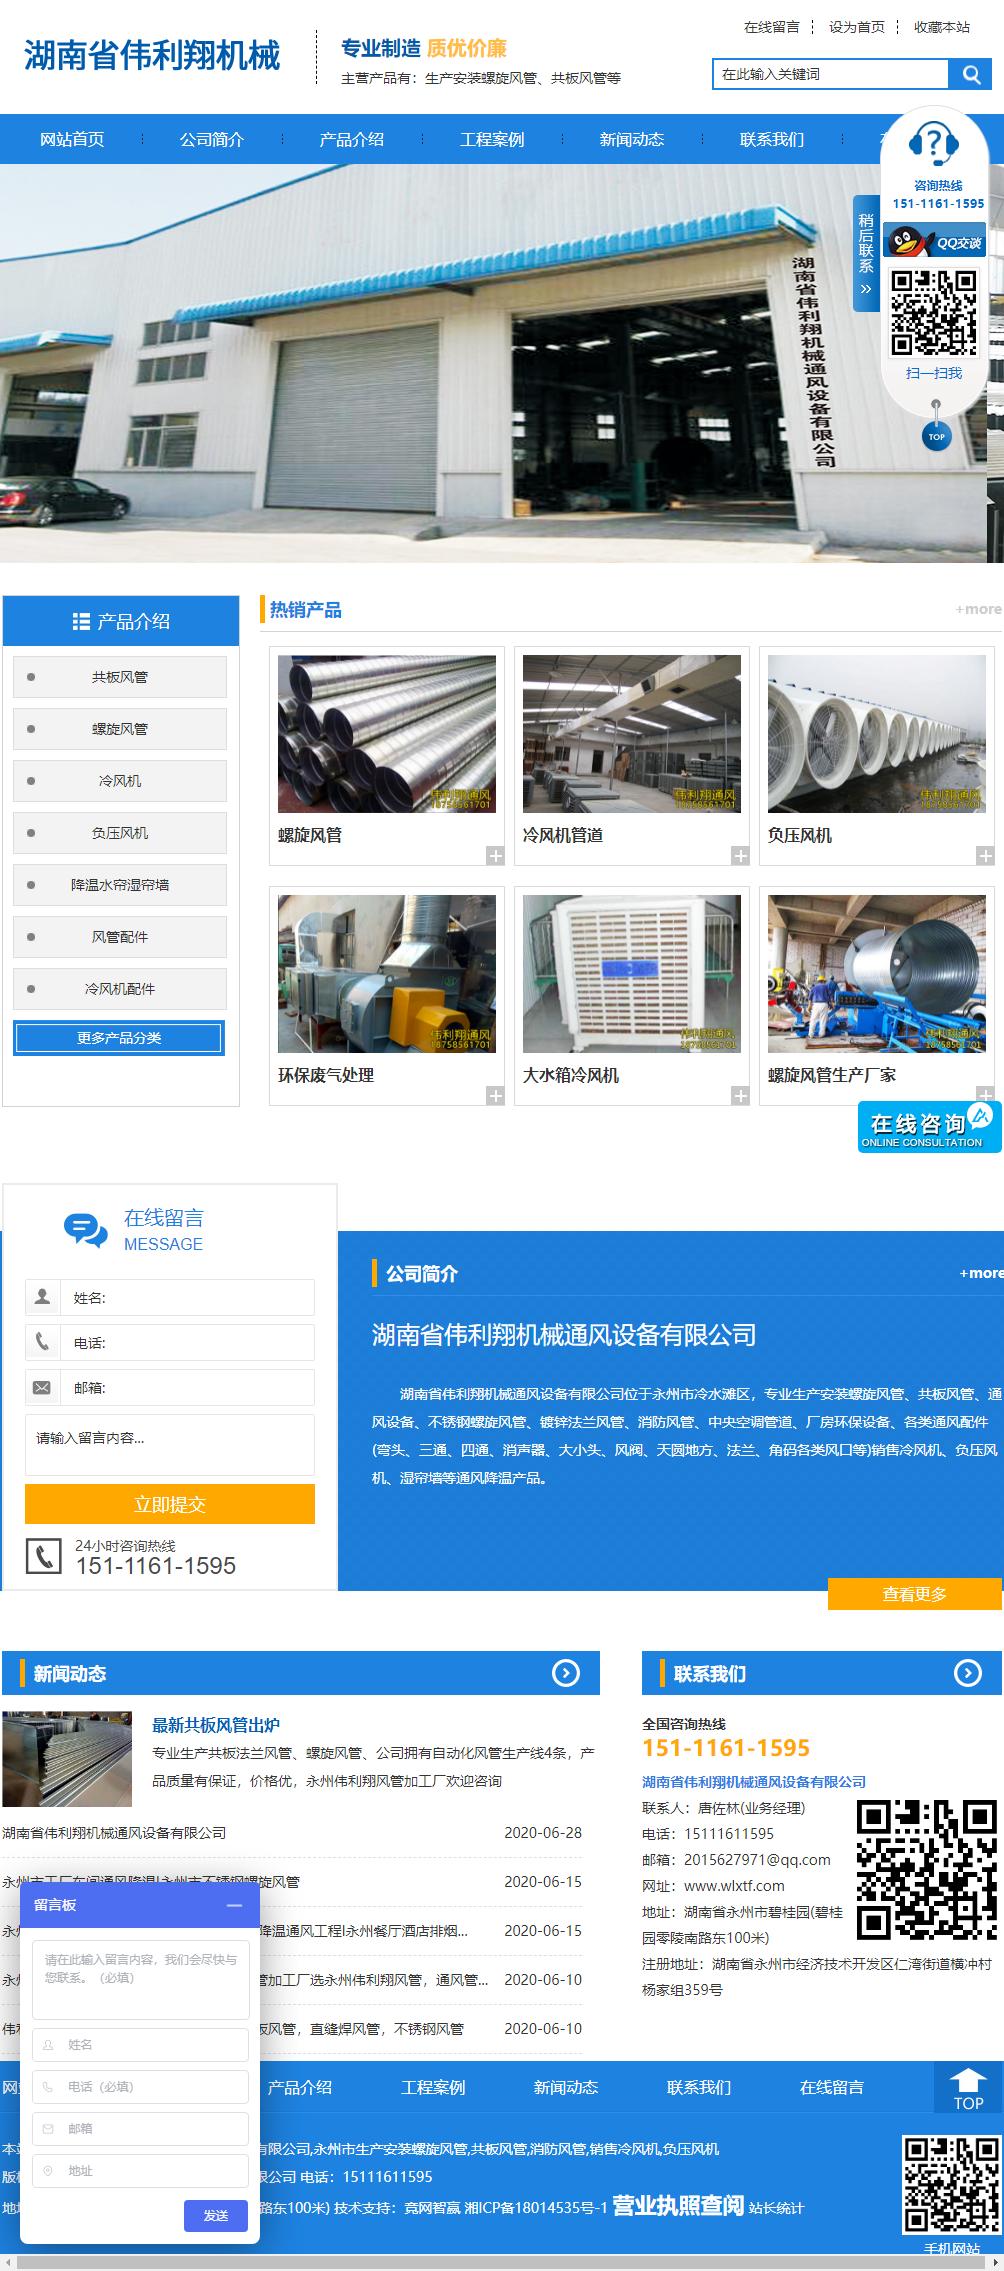 湖南省伟利翔机械通风设备有限公司网站案例